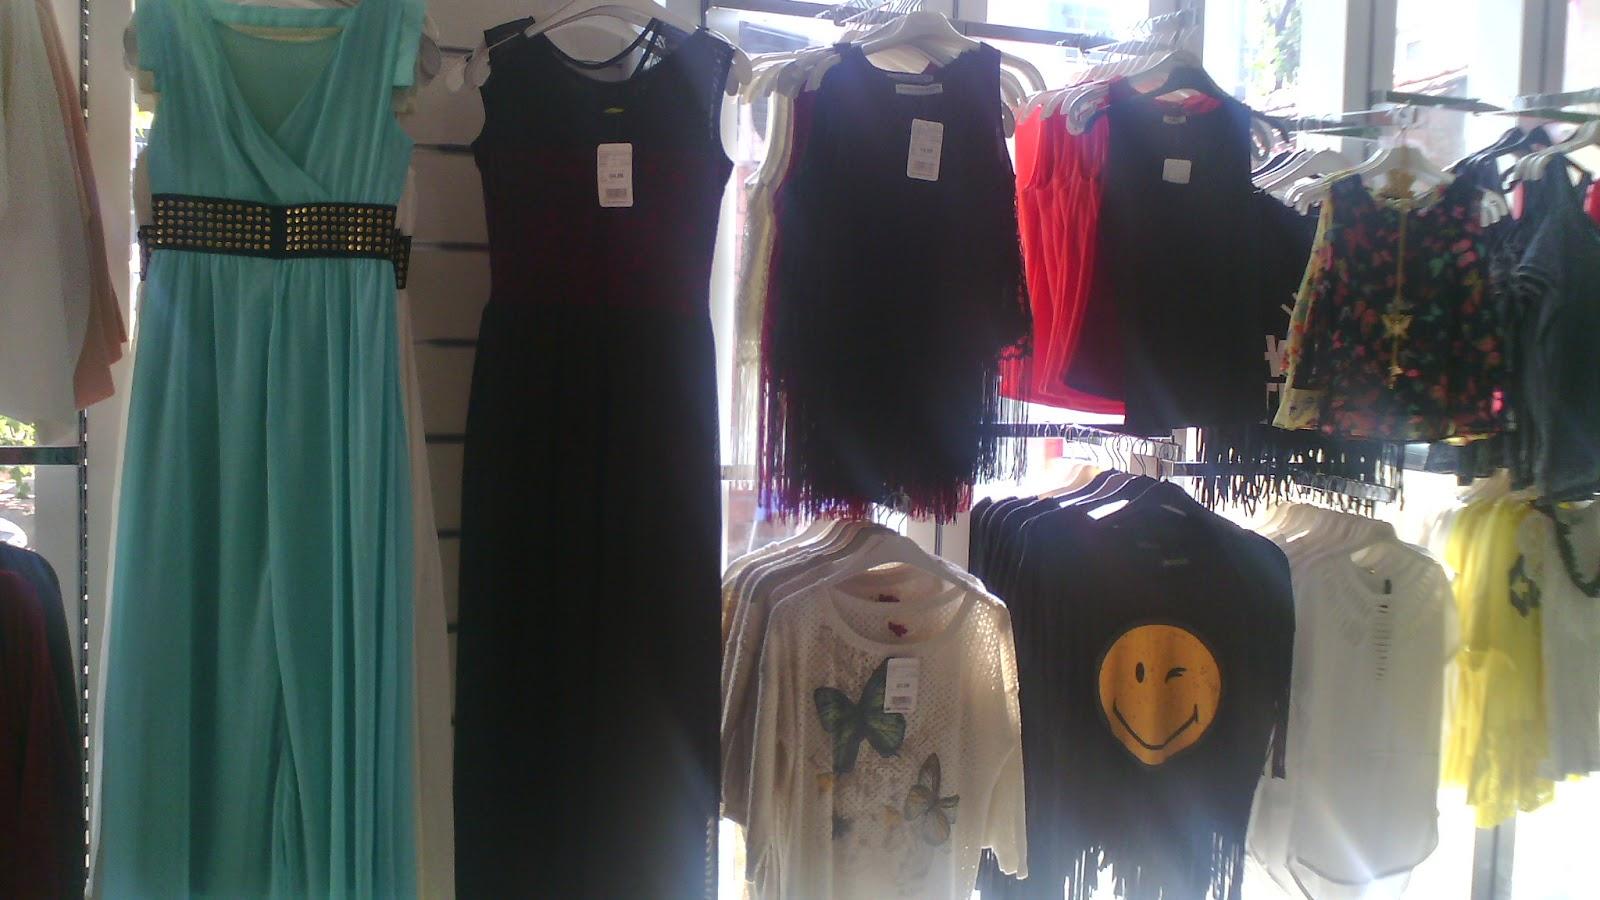 ihracat fazlası ve düşük fiyata bayan giyim arayanlar - imalattan toptan bayan giyim firması